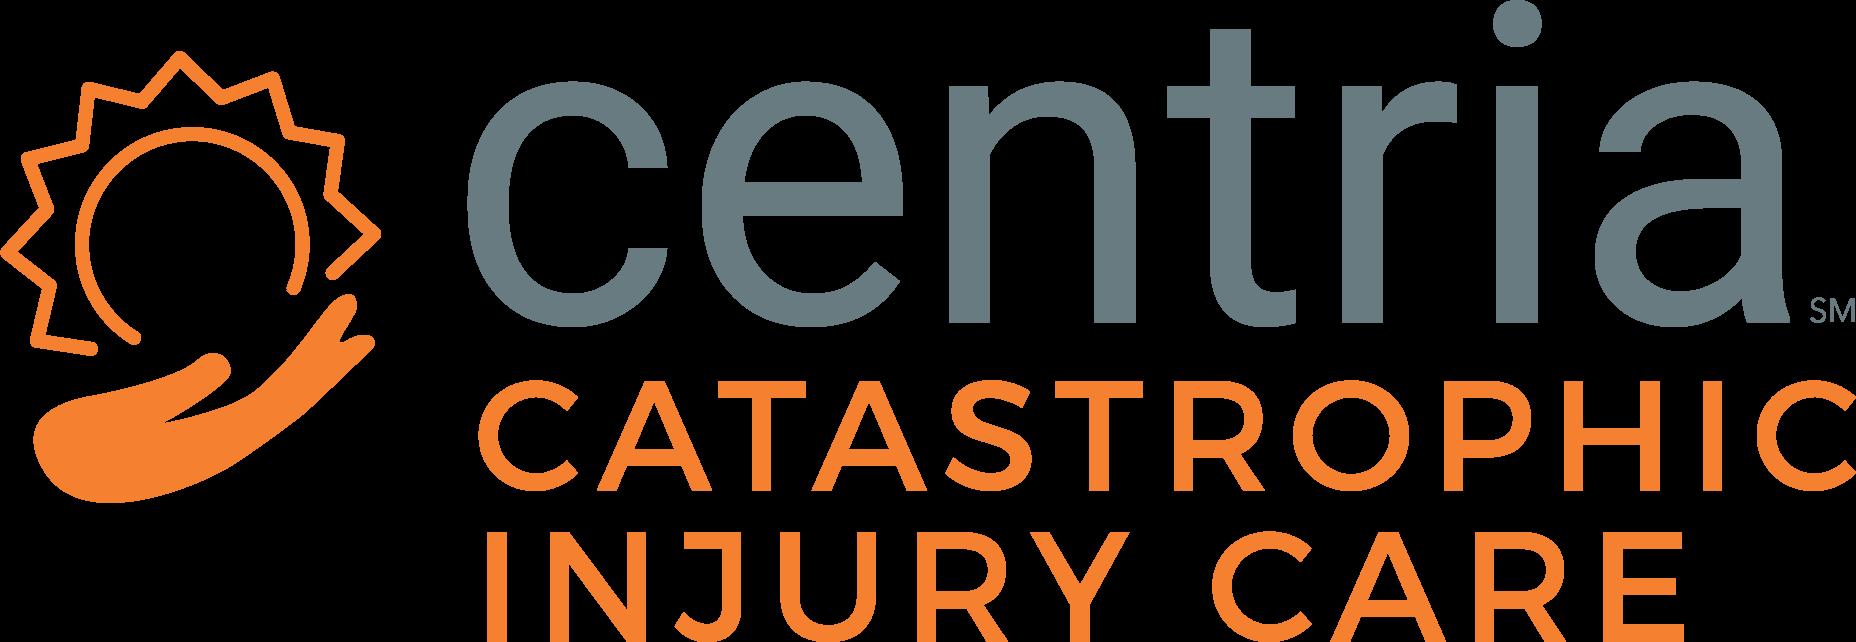 Autism, Pediatric Nursing & Catastrophic Injury Care | Centria